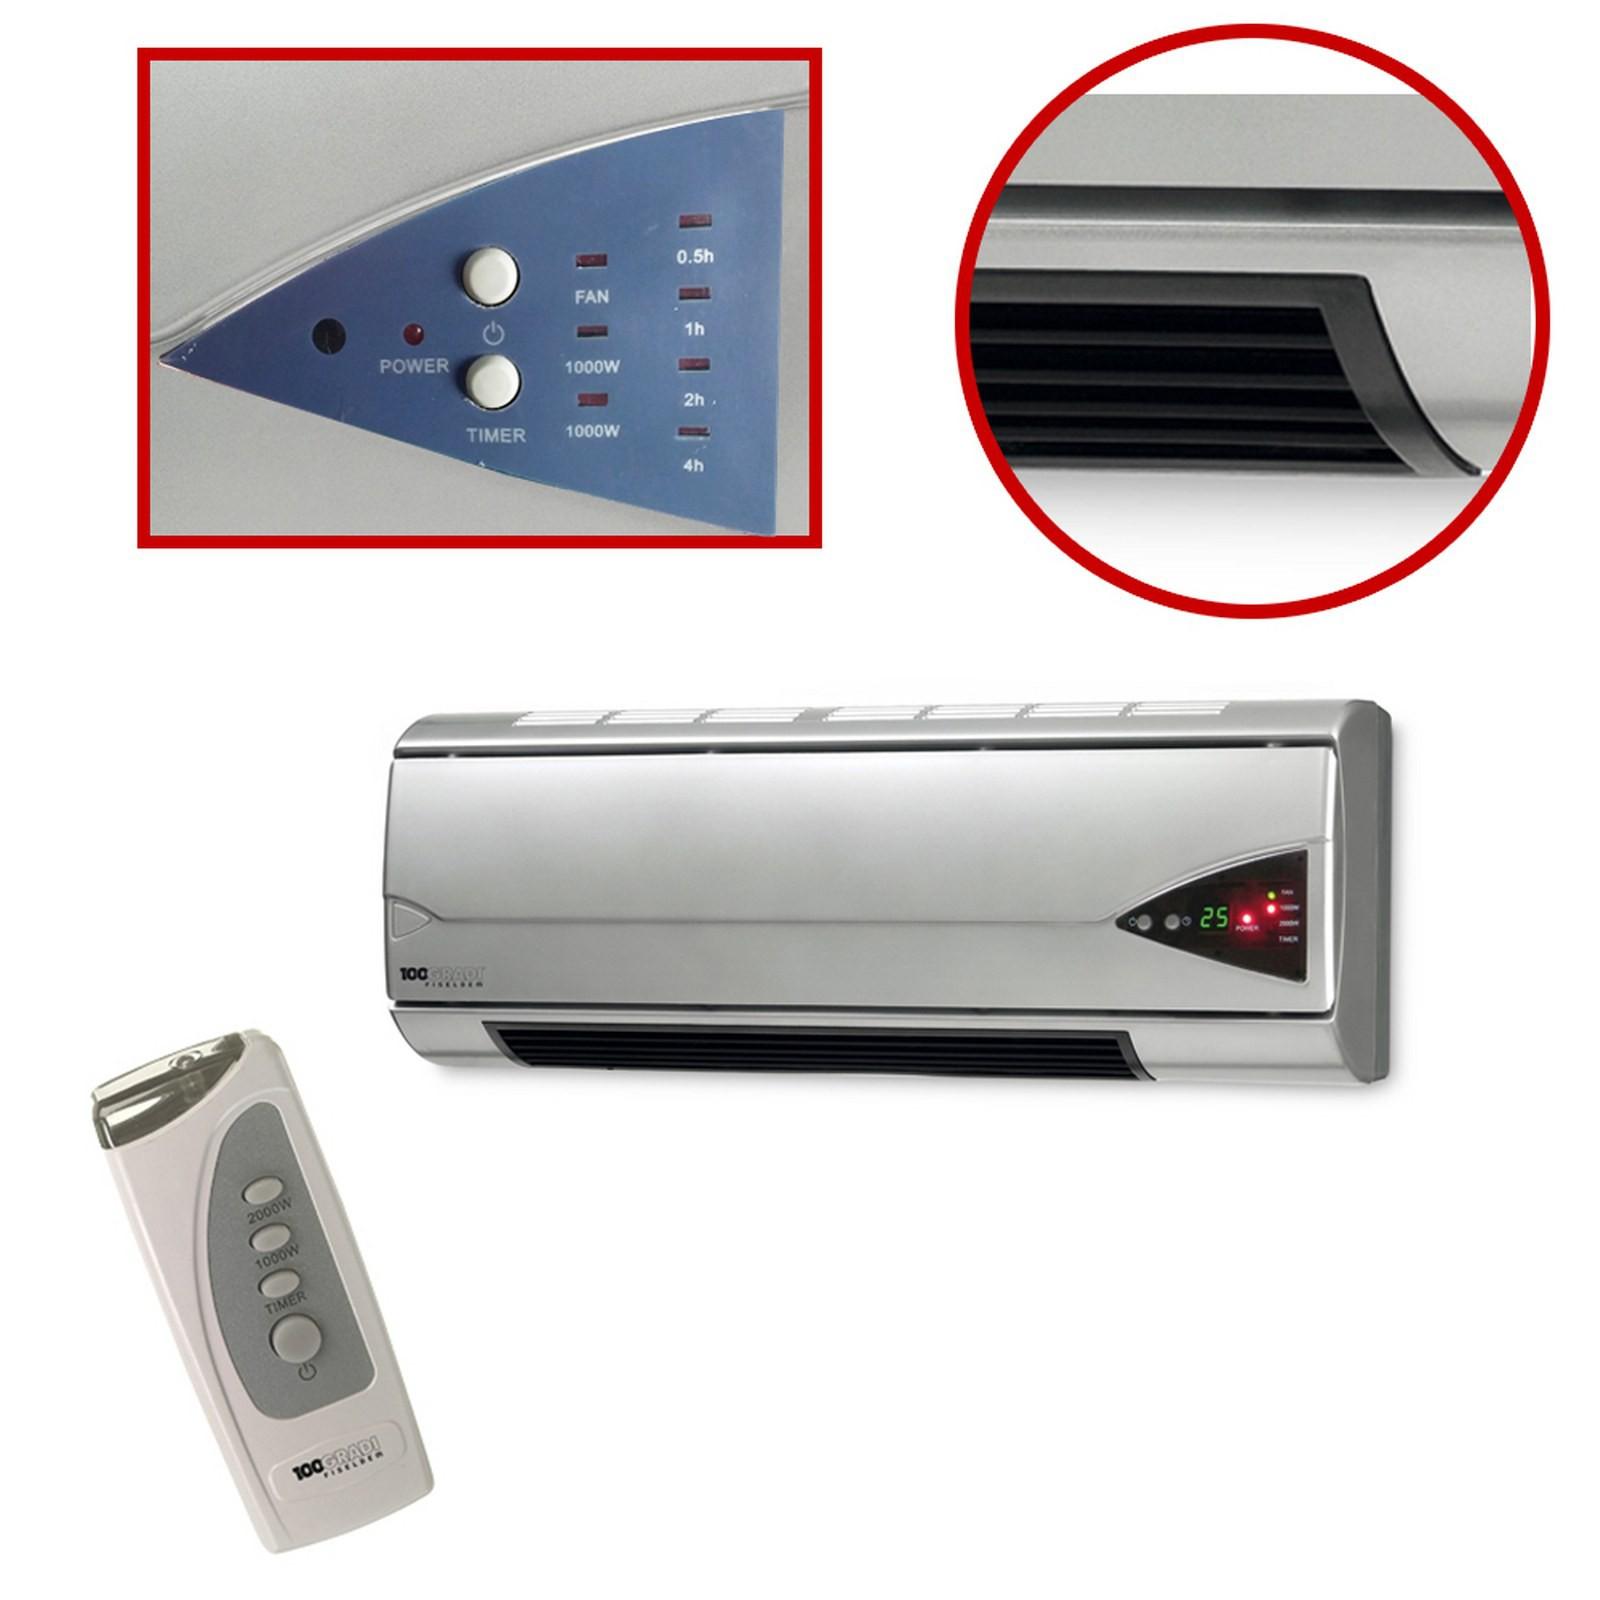 https://areaillumina.com/media/catalog/product/cache/1/thumbnail/9df78eab33525d08d6e5fb8d27136e95/t/e/termobagno_murale_termowall_plus_100_gradi_fiseldem_termoventilatore_da_parete_con_radiocomando_a_distanza_modif_1600x1600.jpg